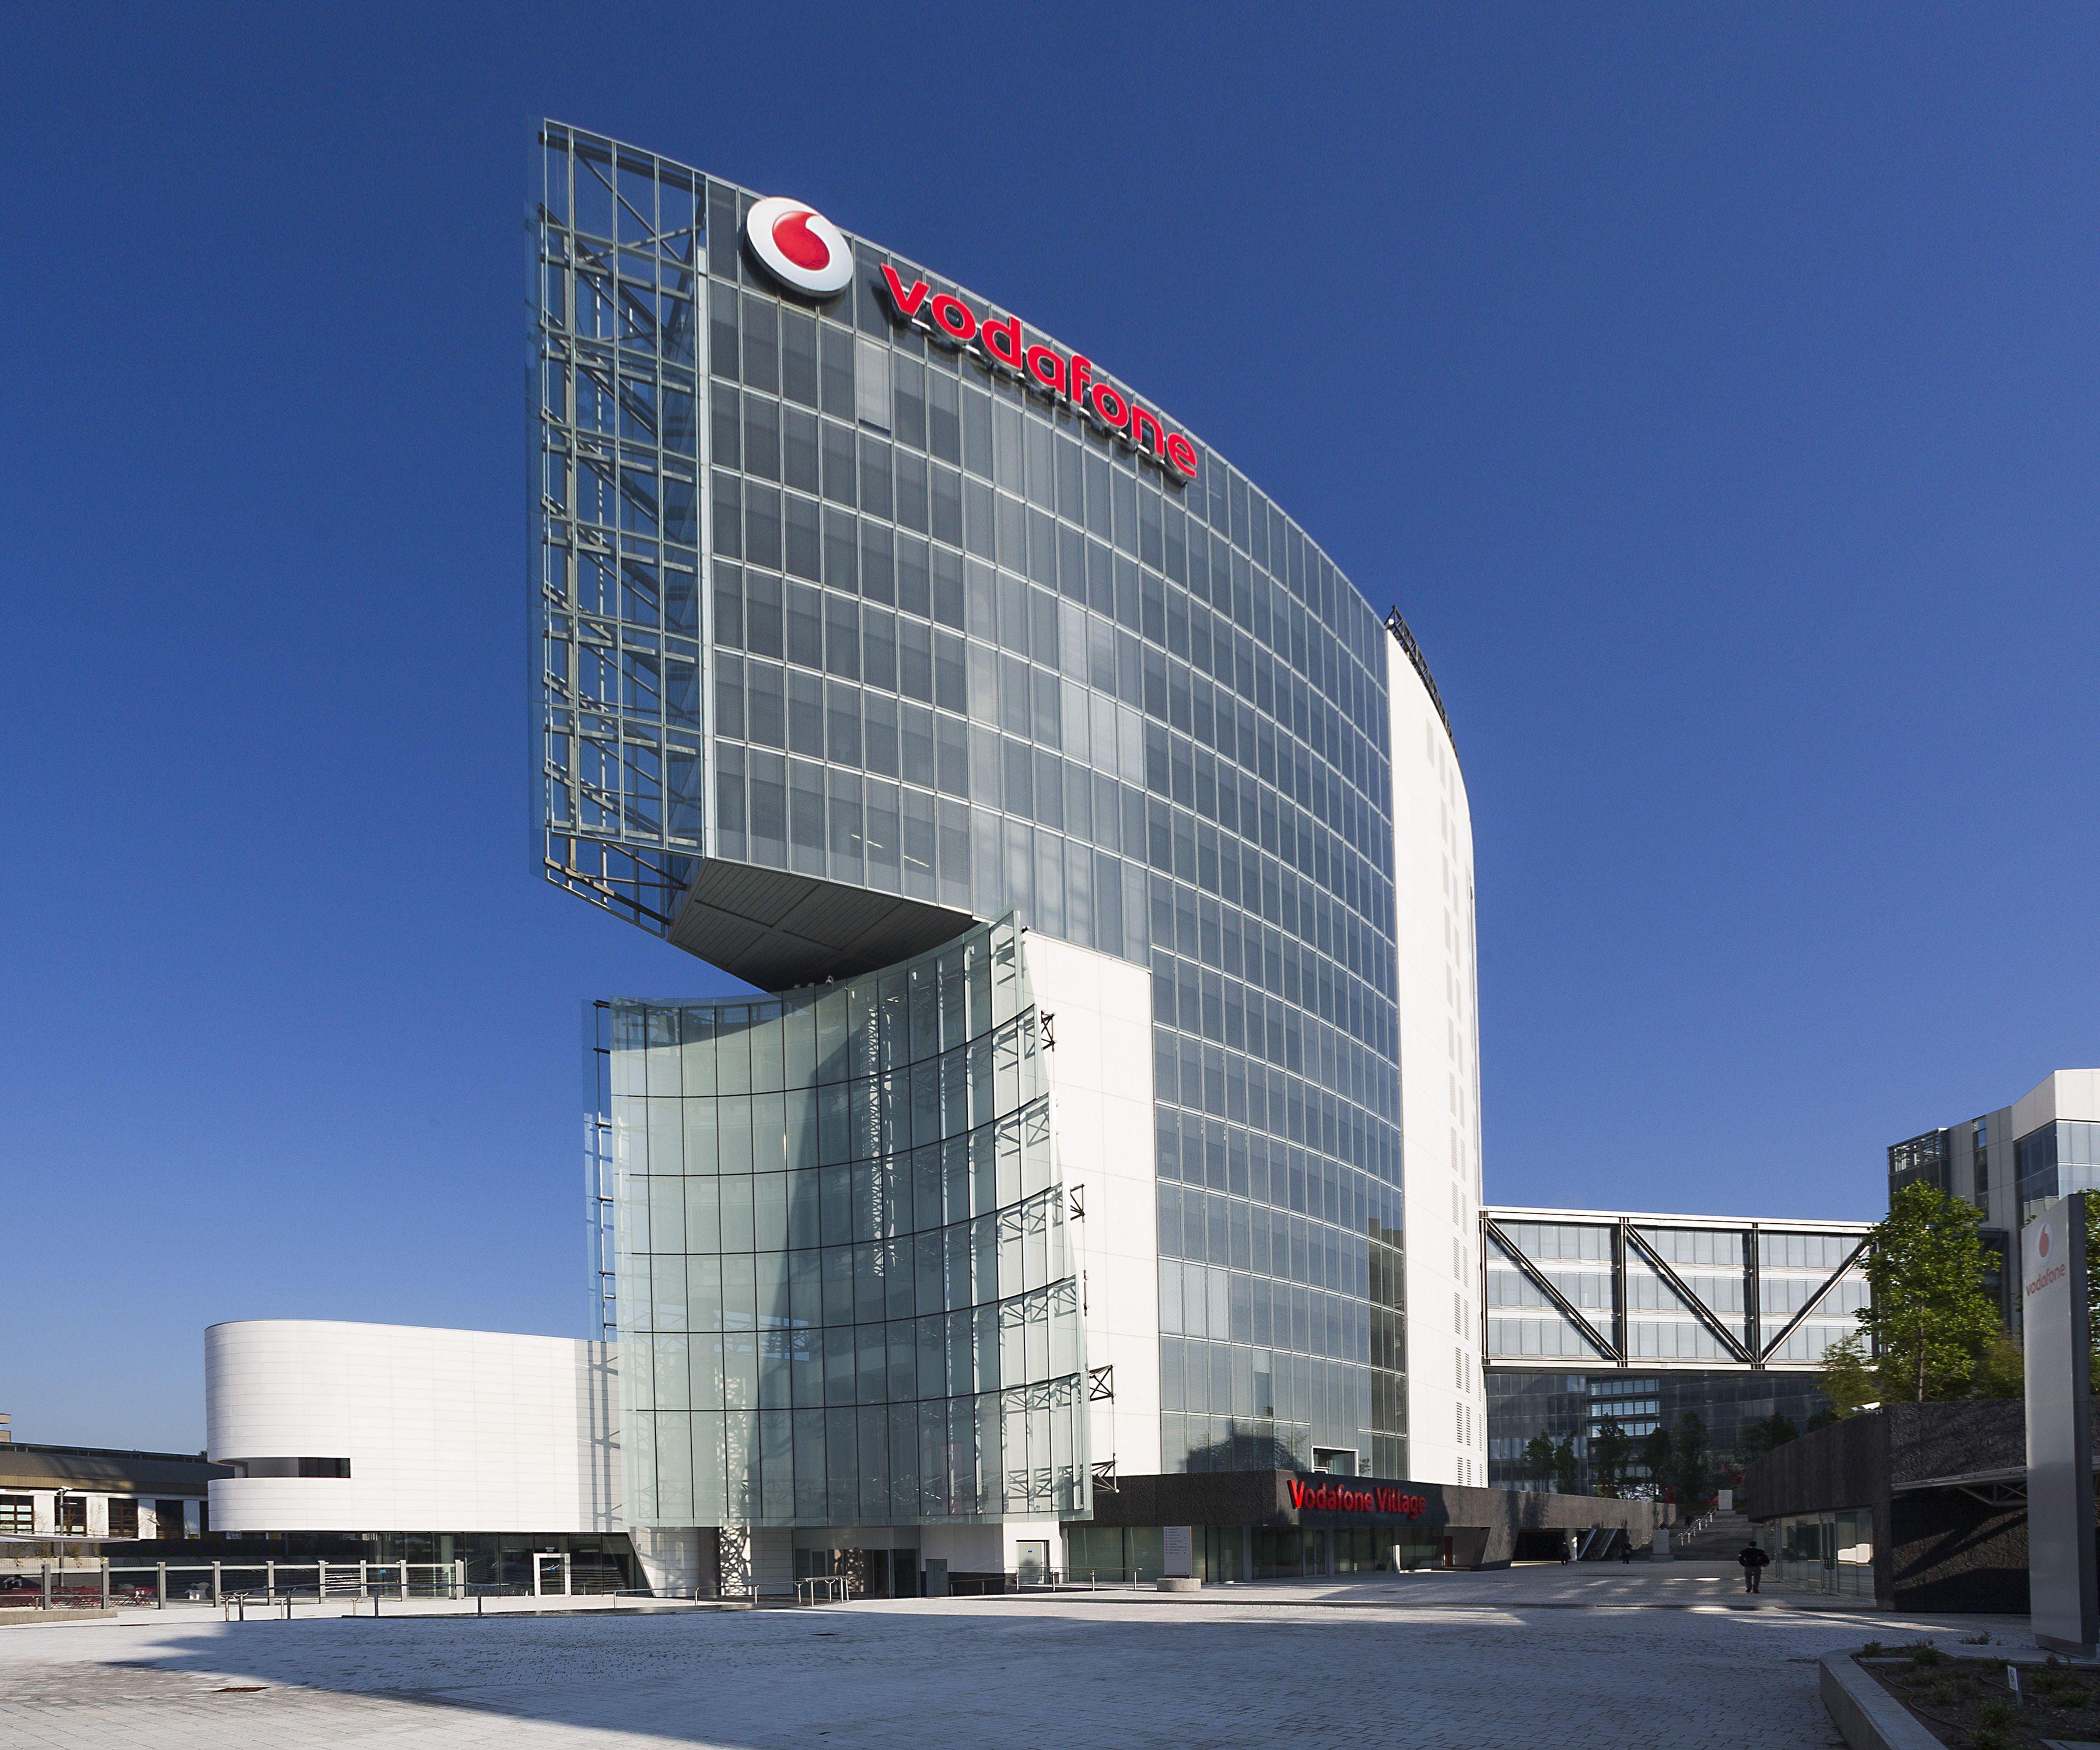 Ufficio Legale Vodafone : Tecnologie smart building di honeywell al vodafone village di